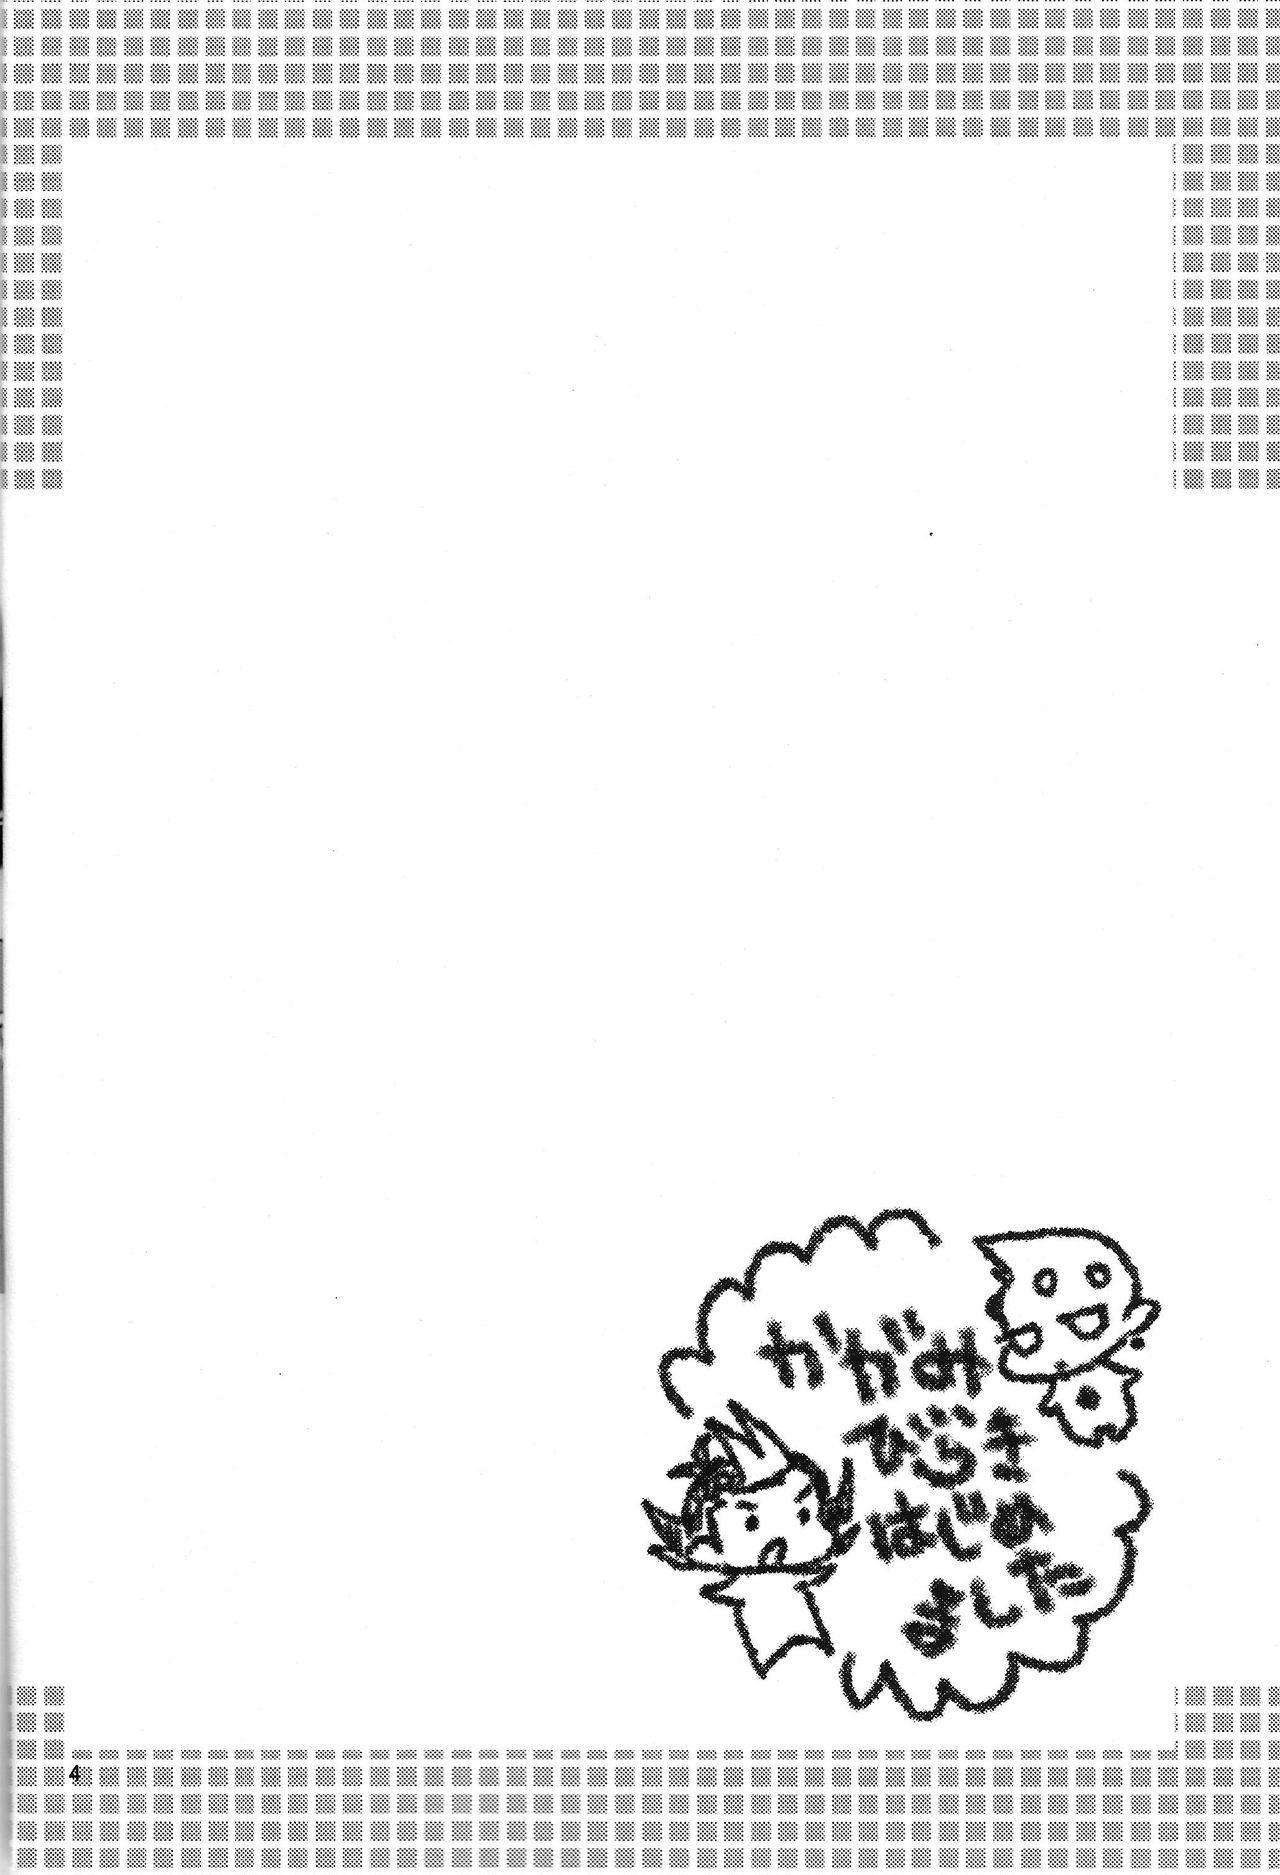 Tanoshii Hokentaiku 2